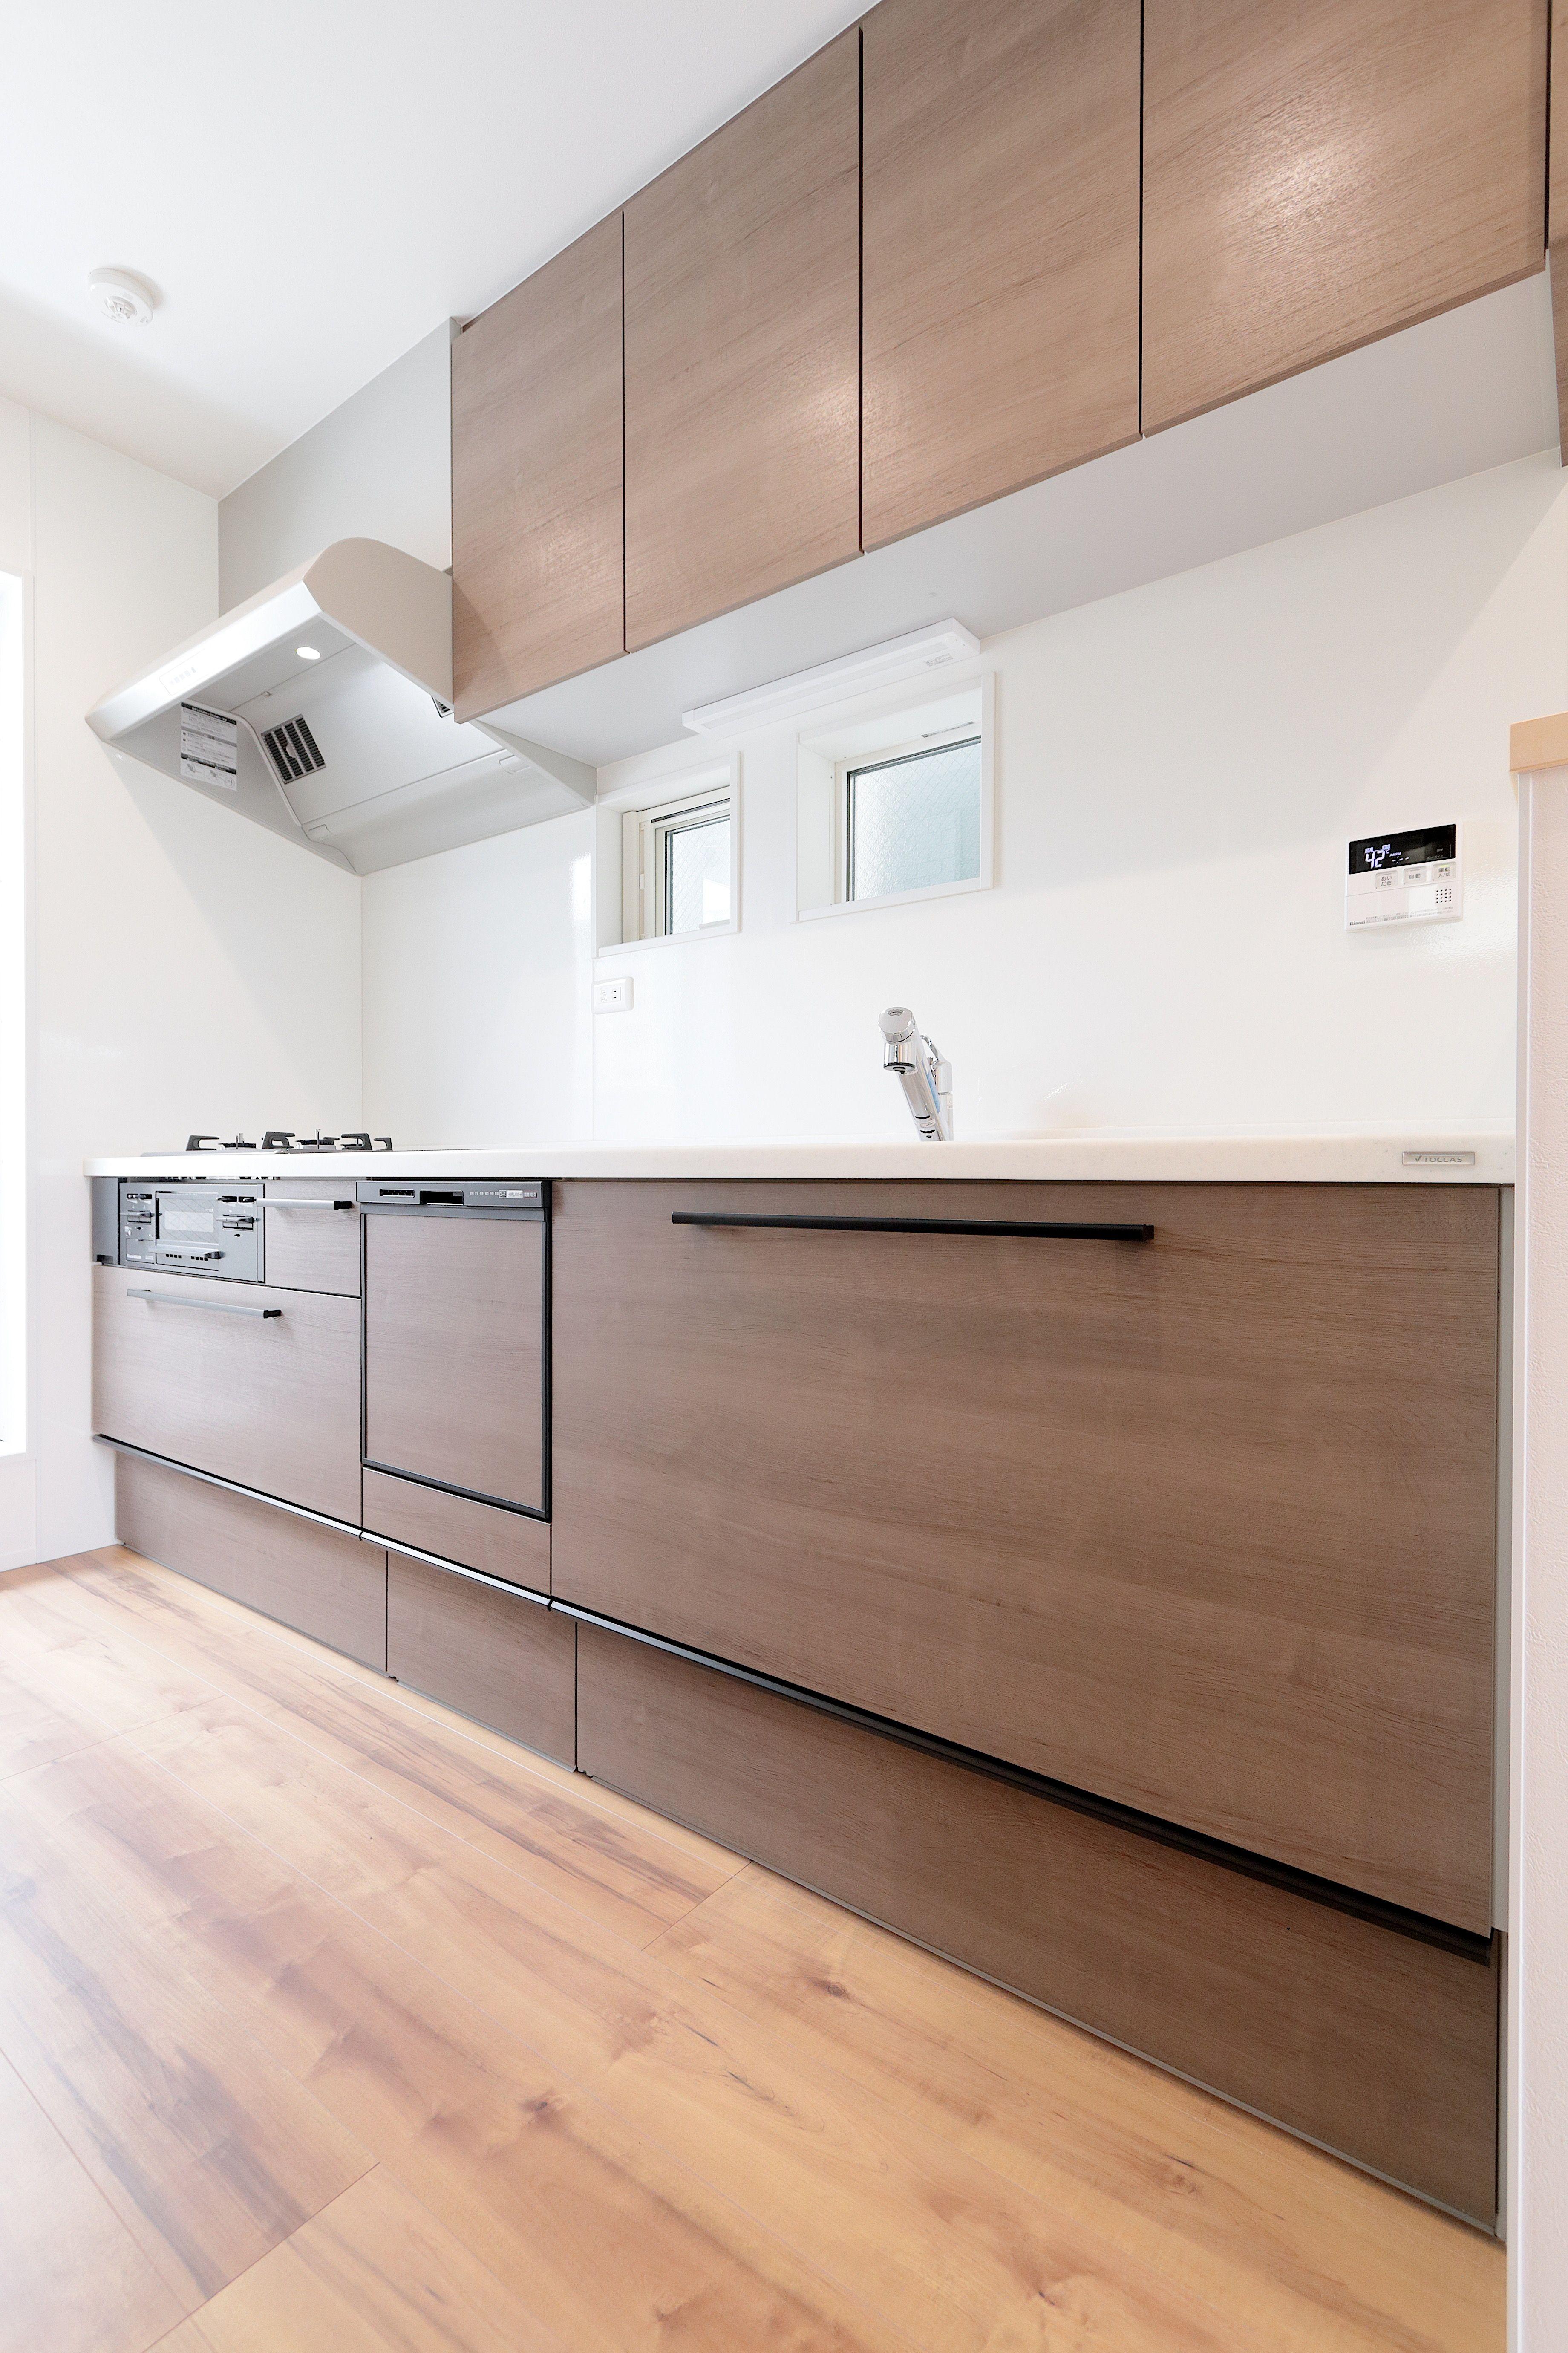 ジェネシスの施工事例 おしゃれで温かみのある充実収納の しまう 家 キッチンデザイン システムキッチン 注文住宅